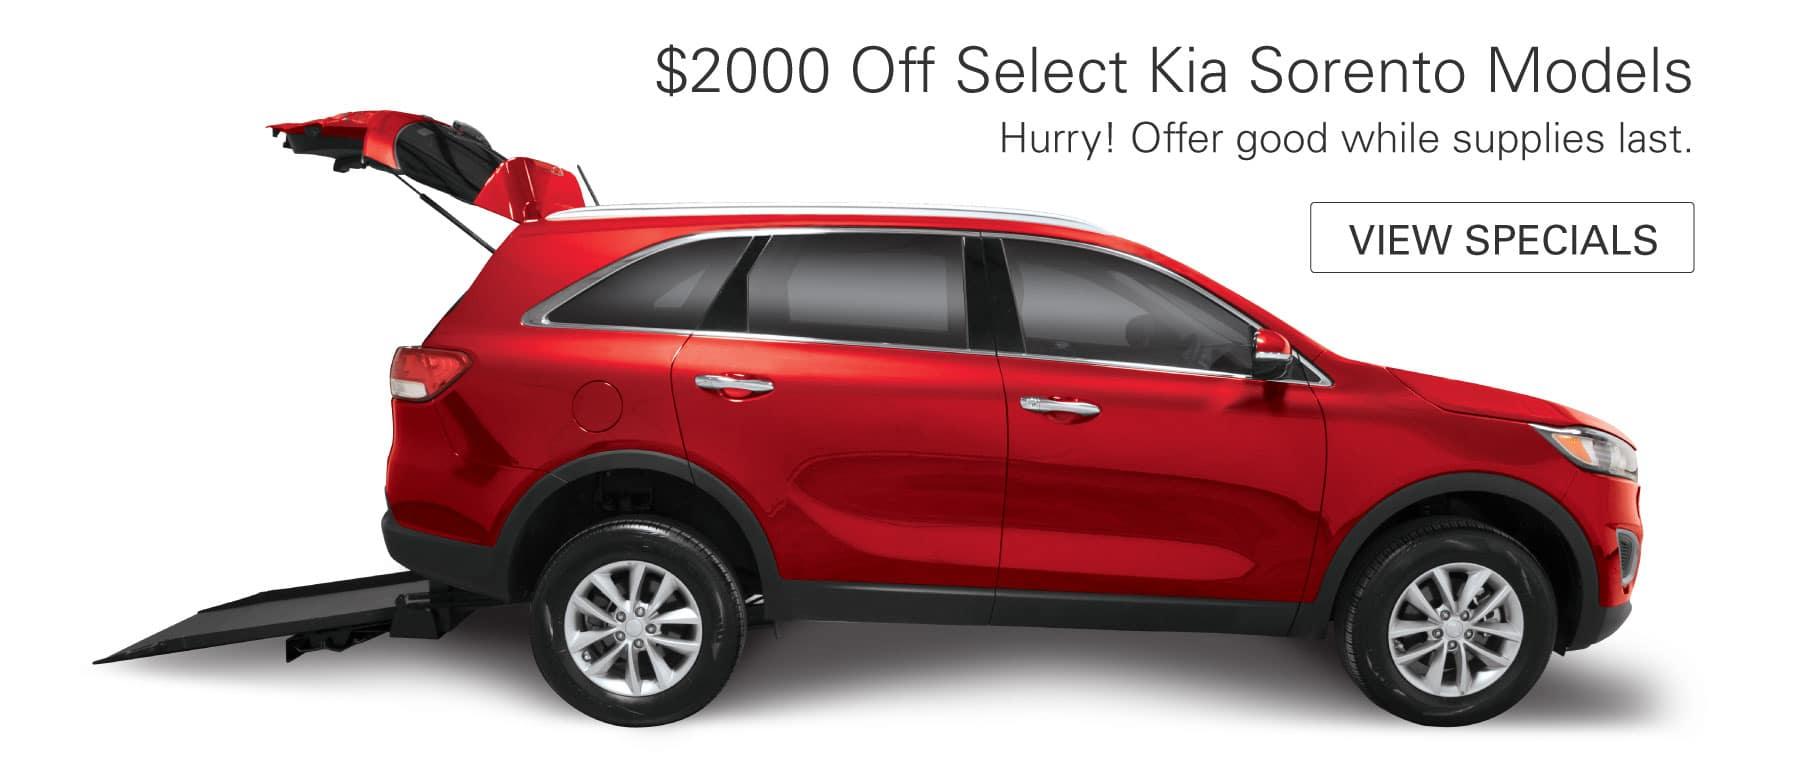 $2000 Off Select Kia Sorento Models